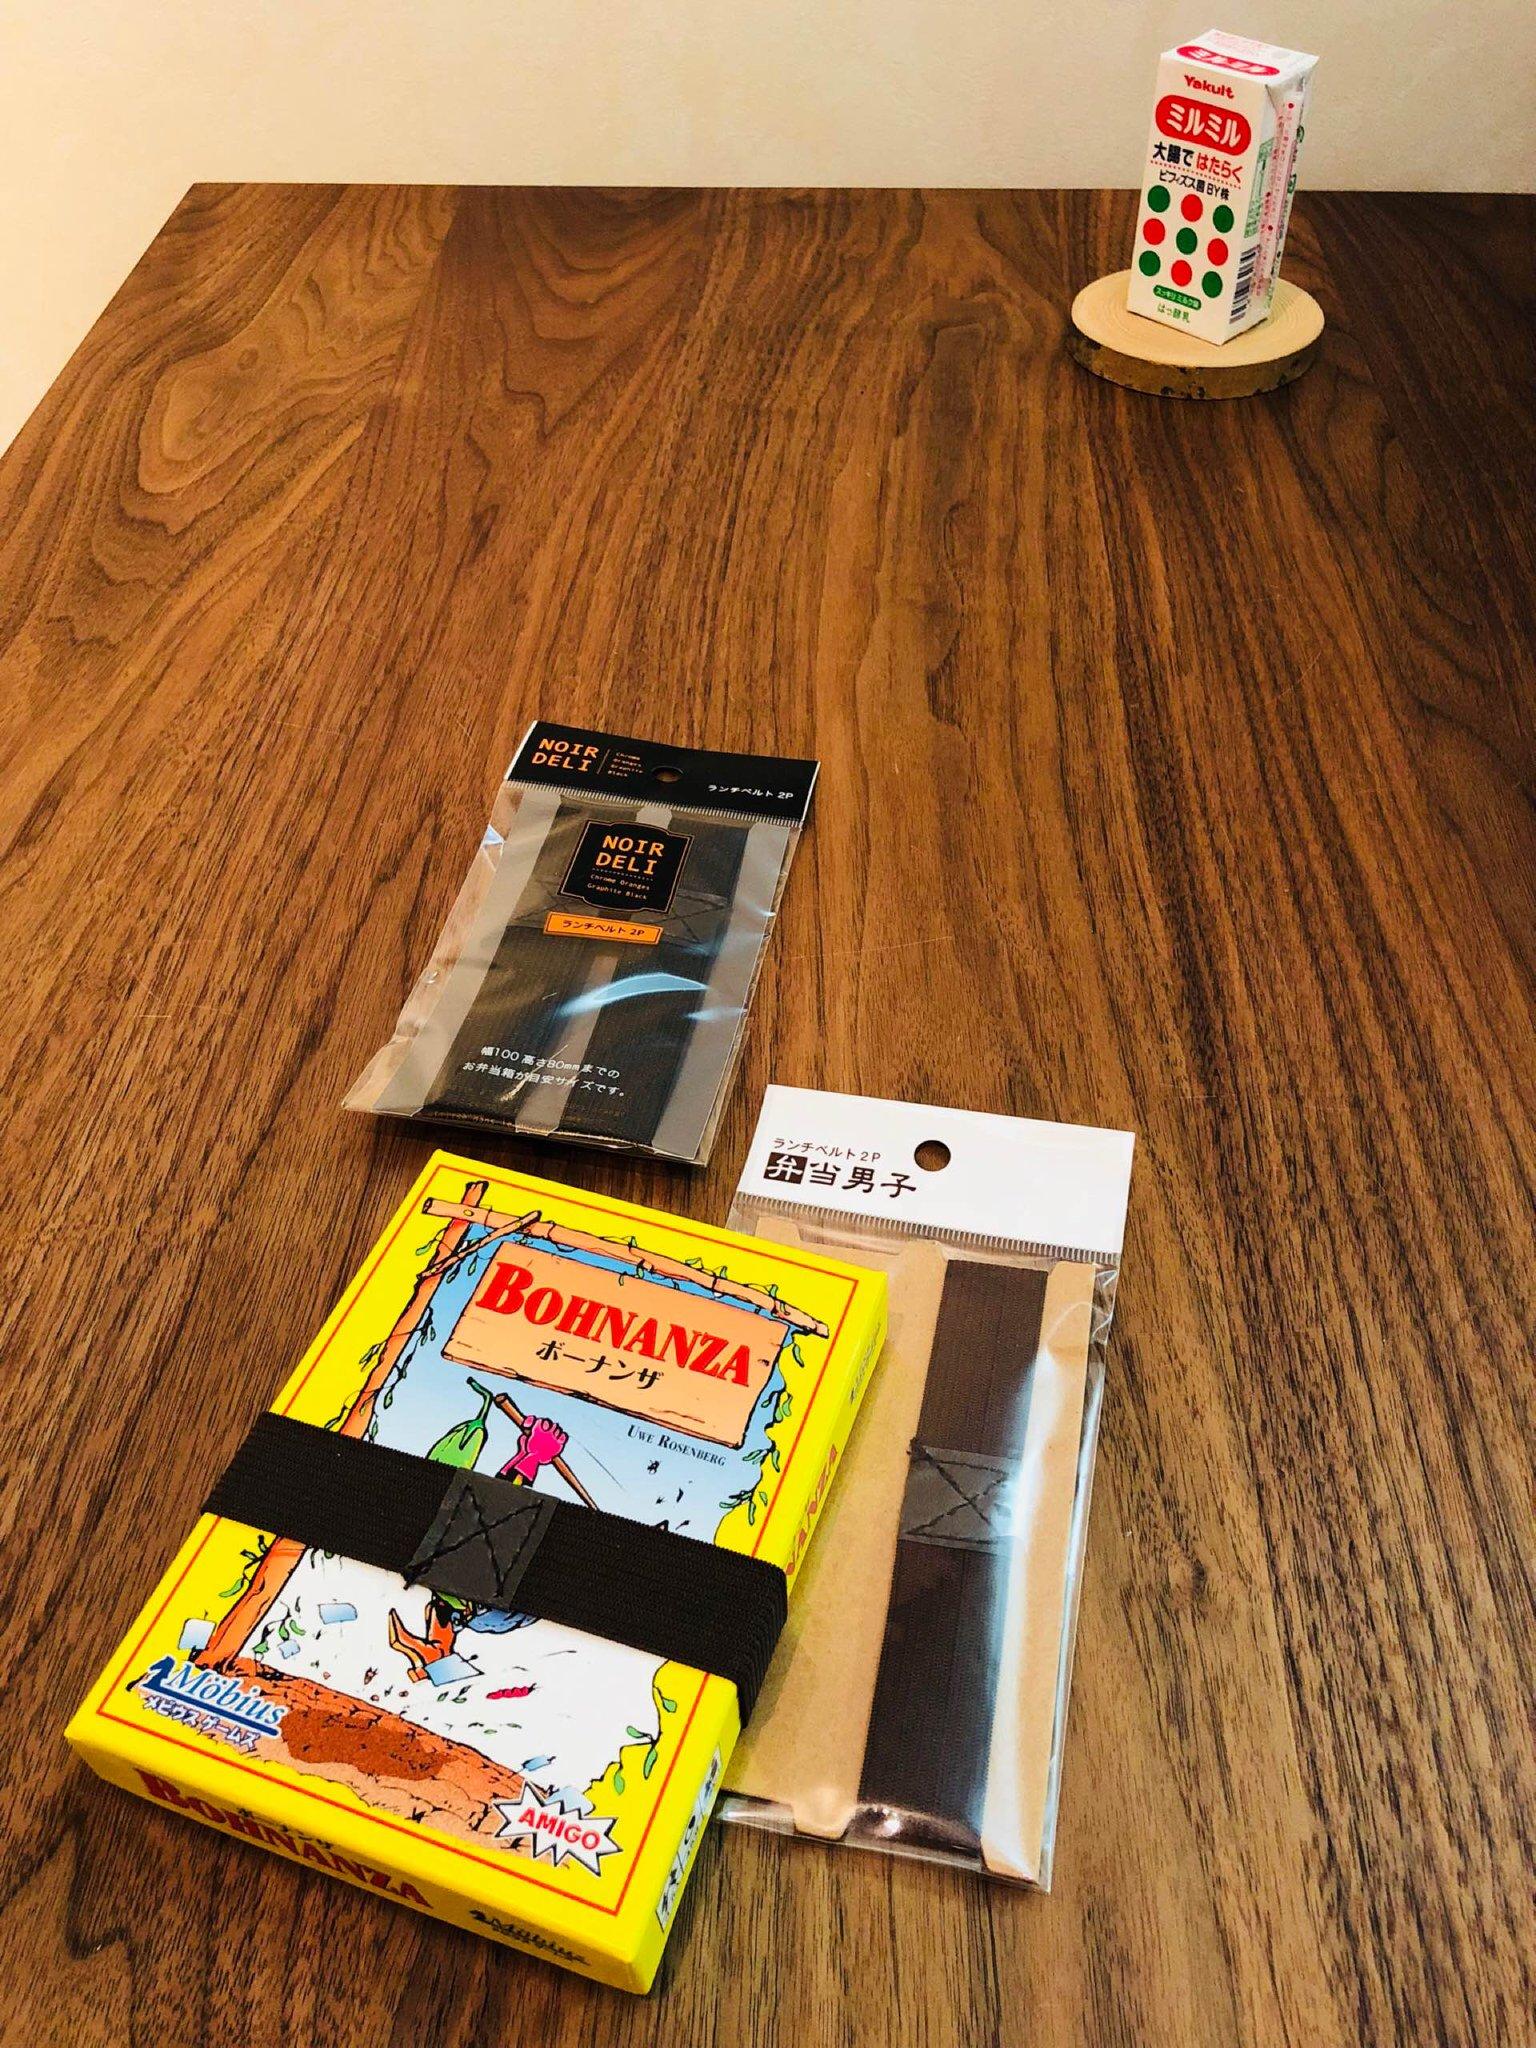 カードゲームを留めるためのゴムバンド的に買ってみた弁当男子ランチベルト。「ランチボックスに長時間つけたままにしないでください」と書いてあるのでちょっとこわい、暑いと溶けるかな。。。 https://t.co/SovB0AQBfs